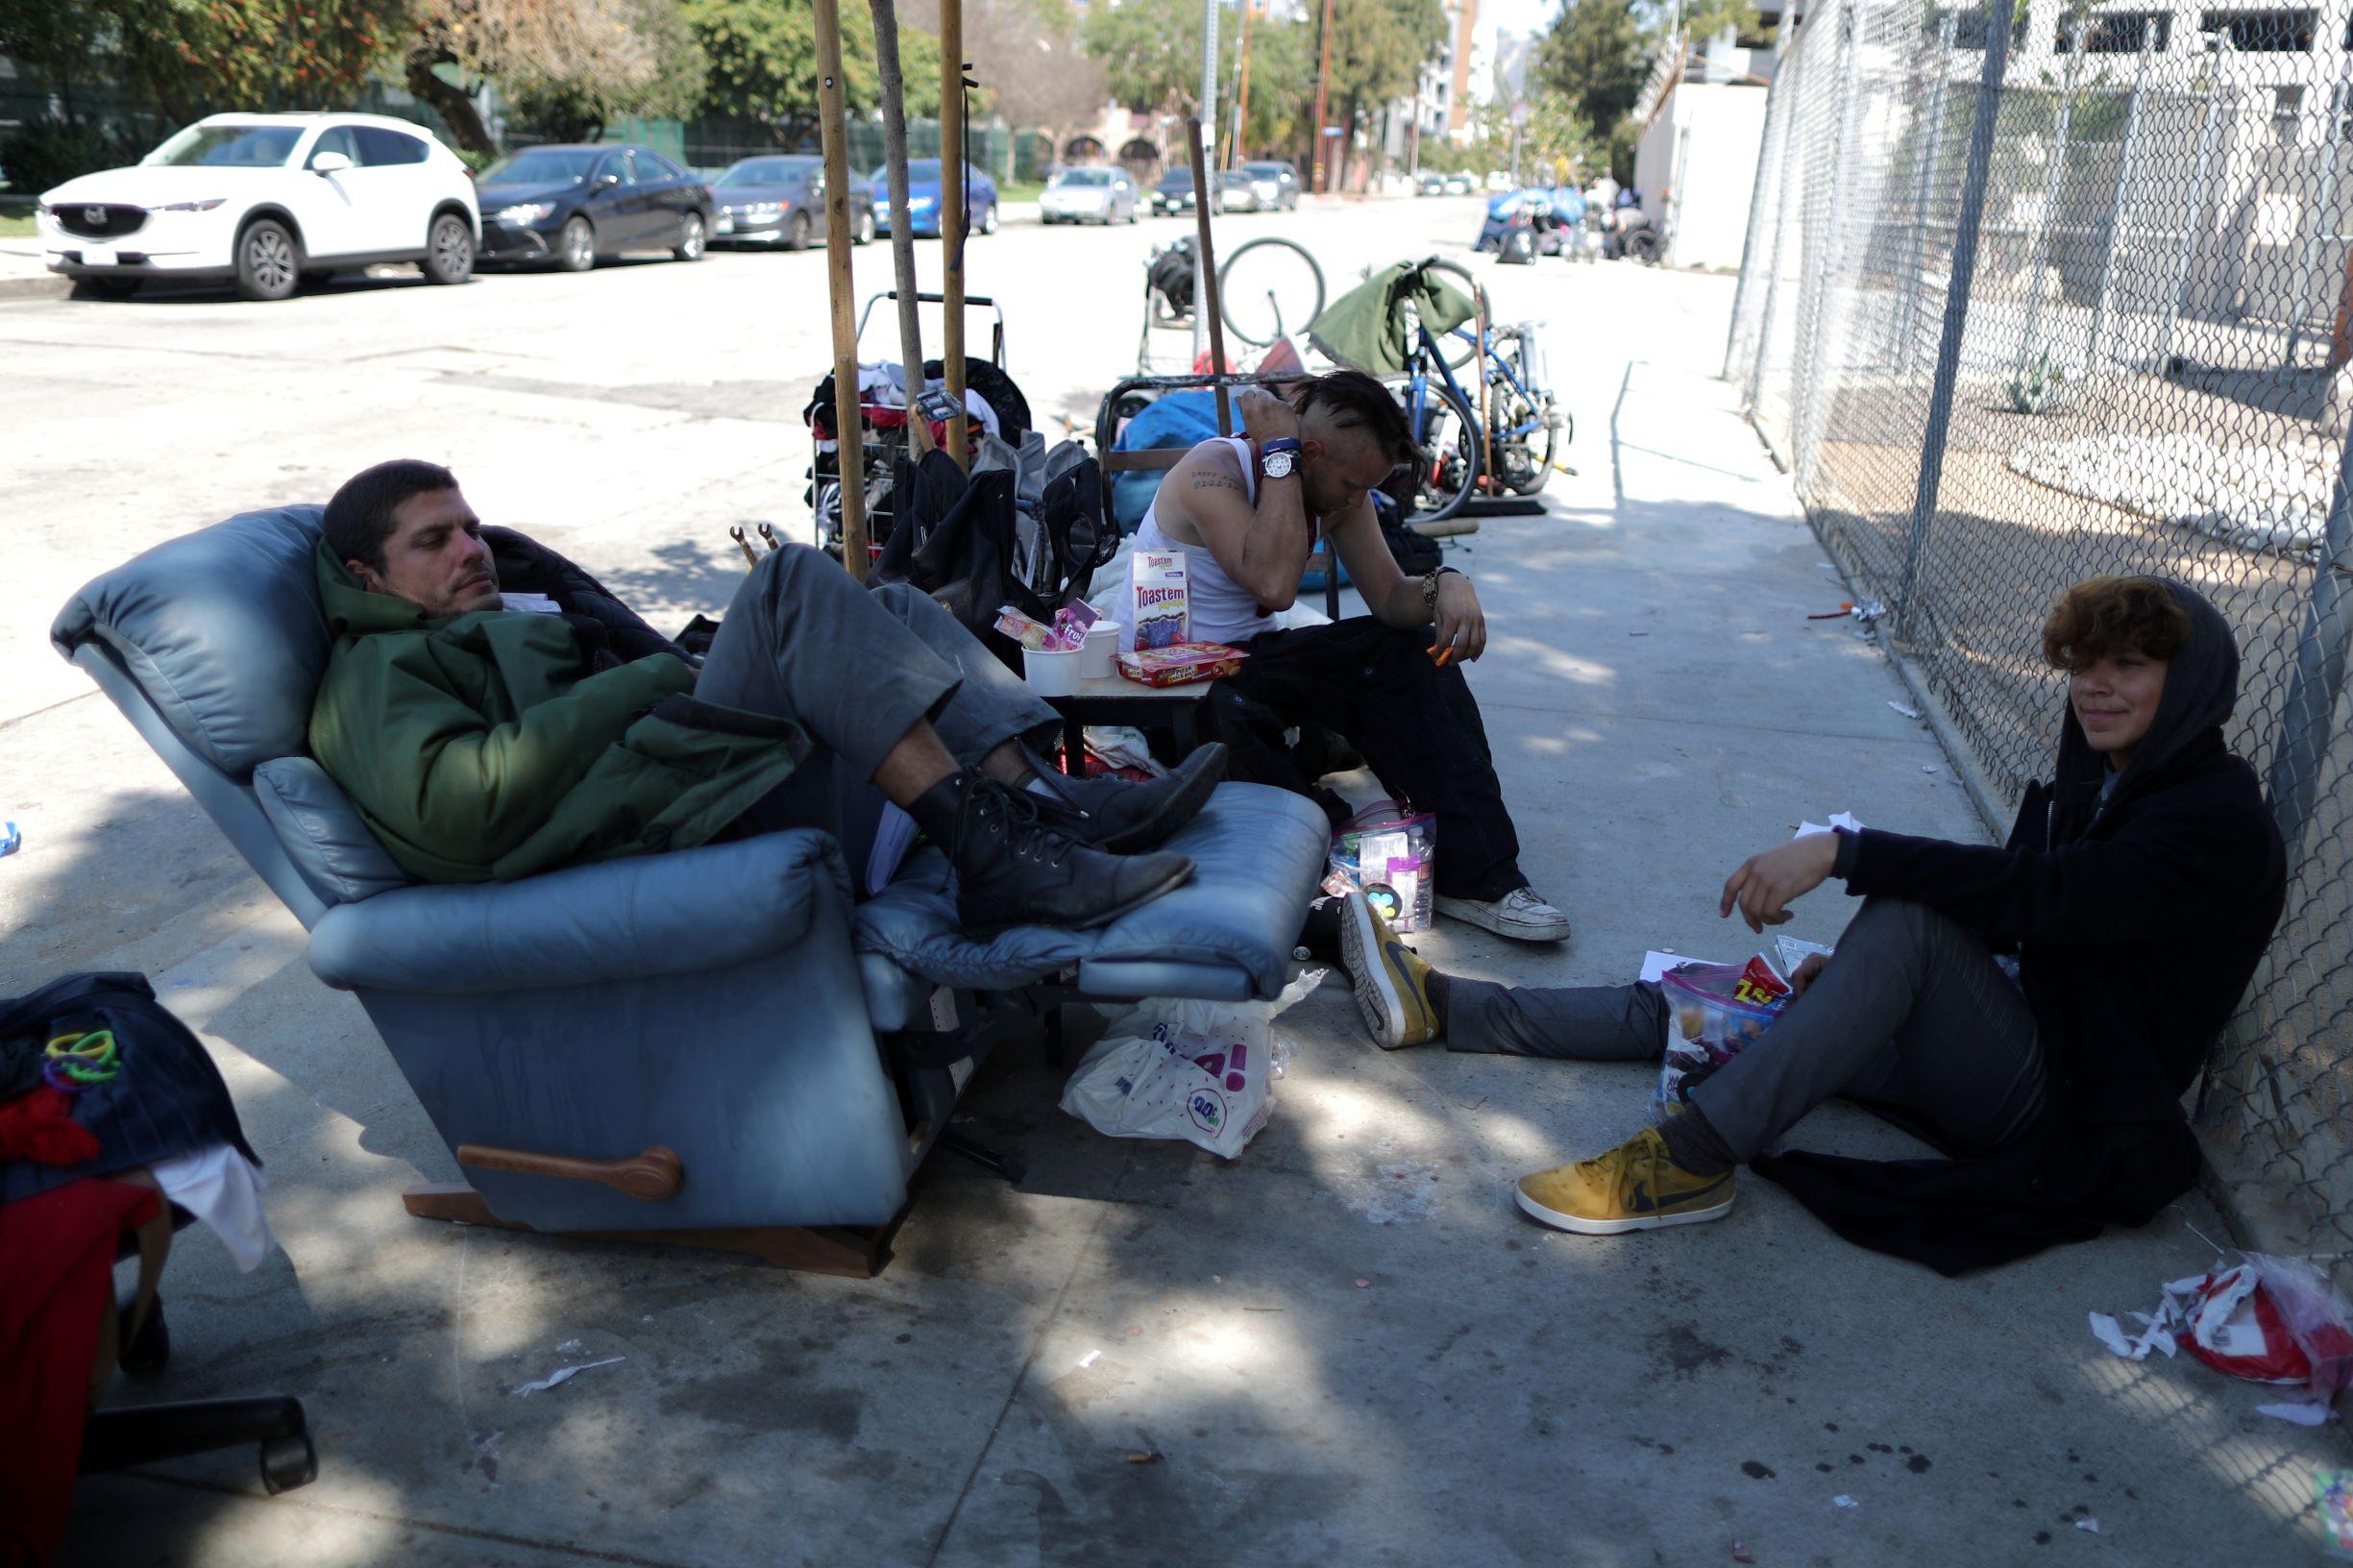 Beskućnici u Los Angelesu, ilustracija